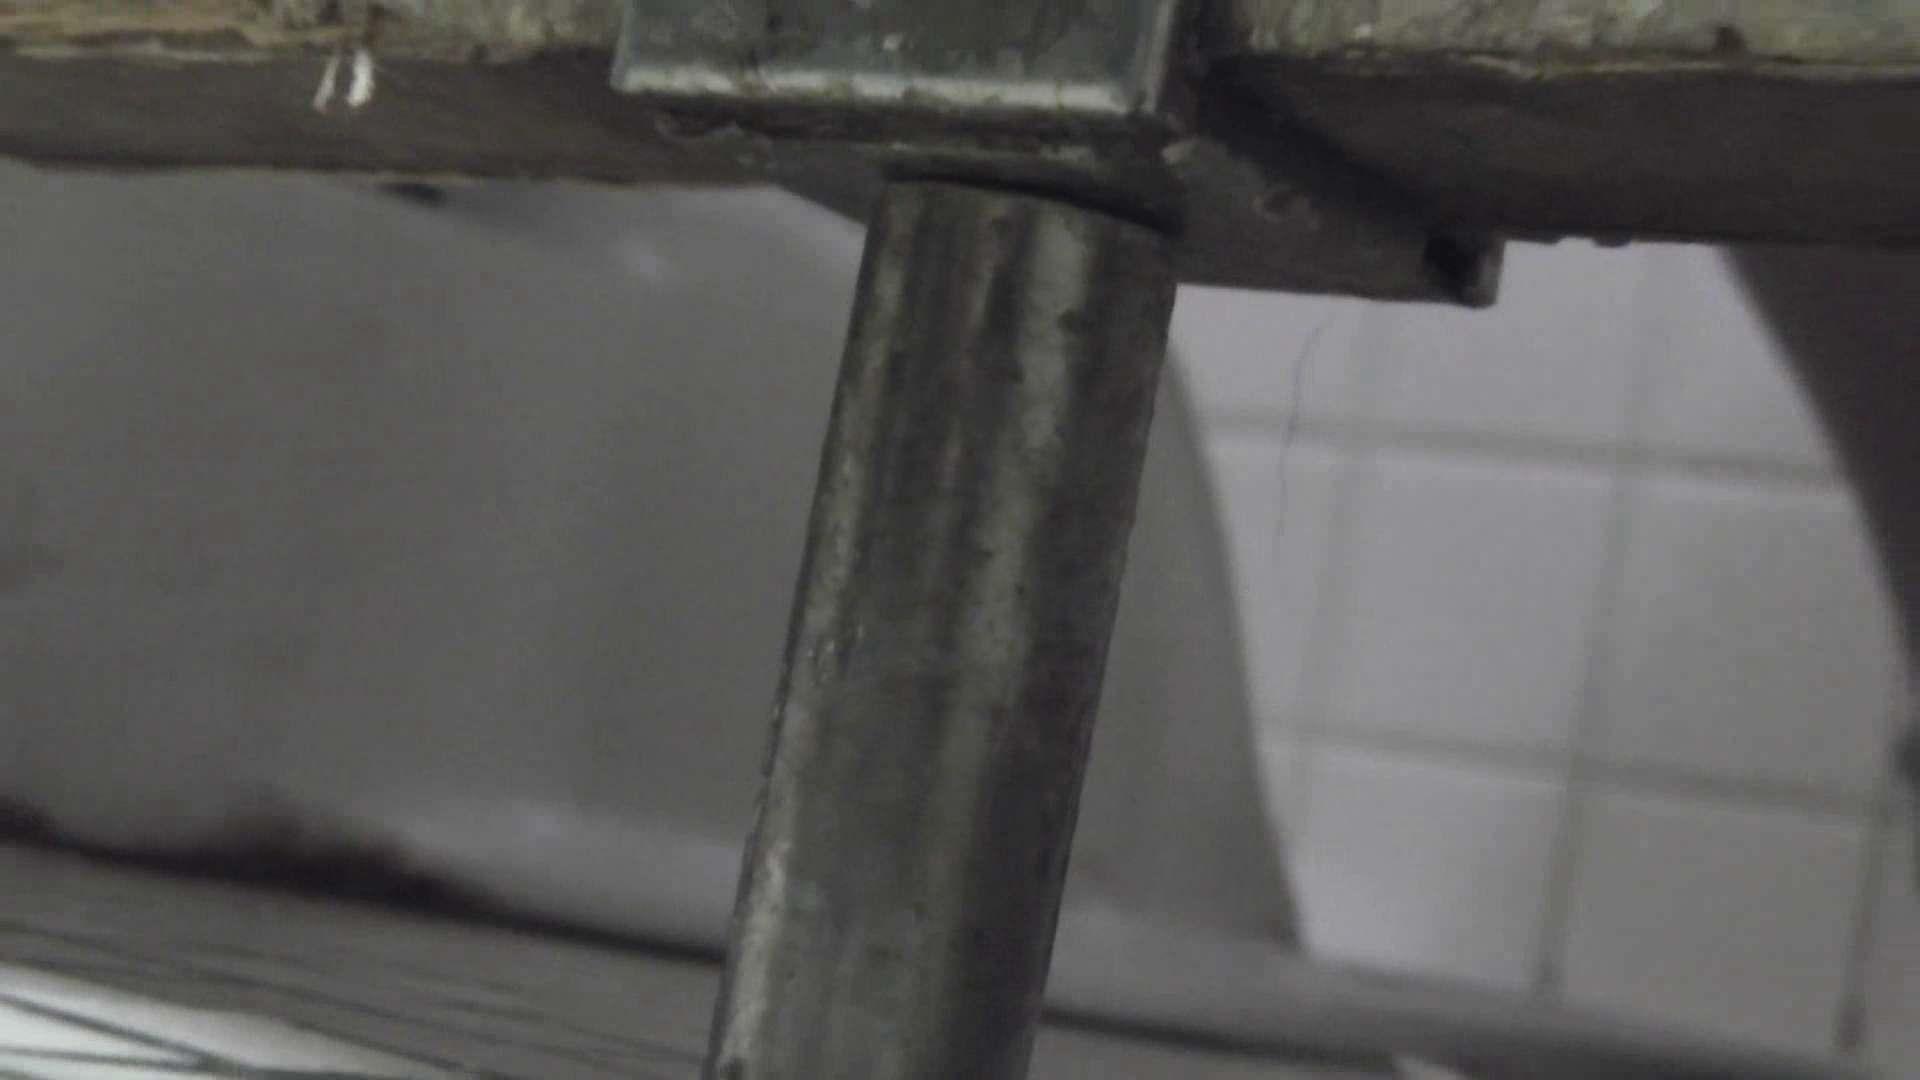 セックスアダルト動画|洗面所特攻隊vol.014 出れなくなって絶対絶命|怪盗ジョーカー